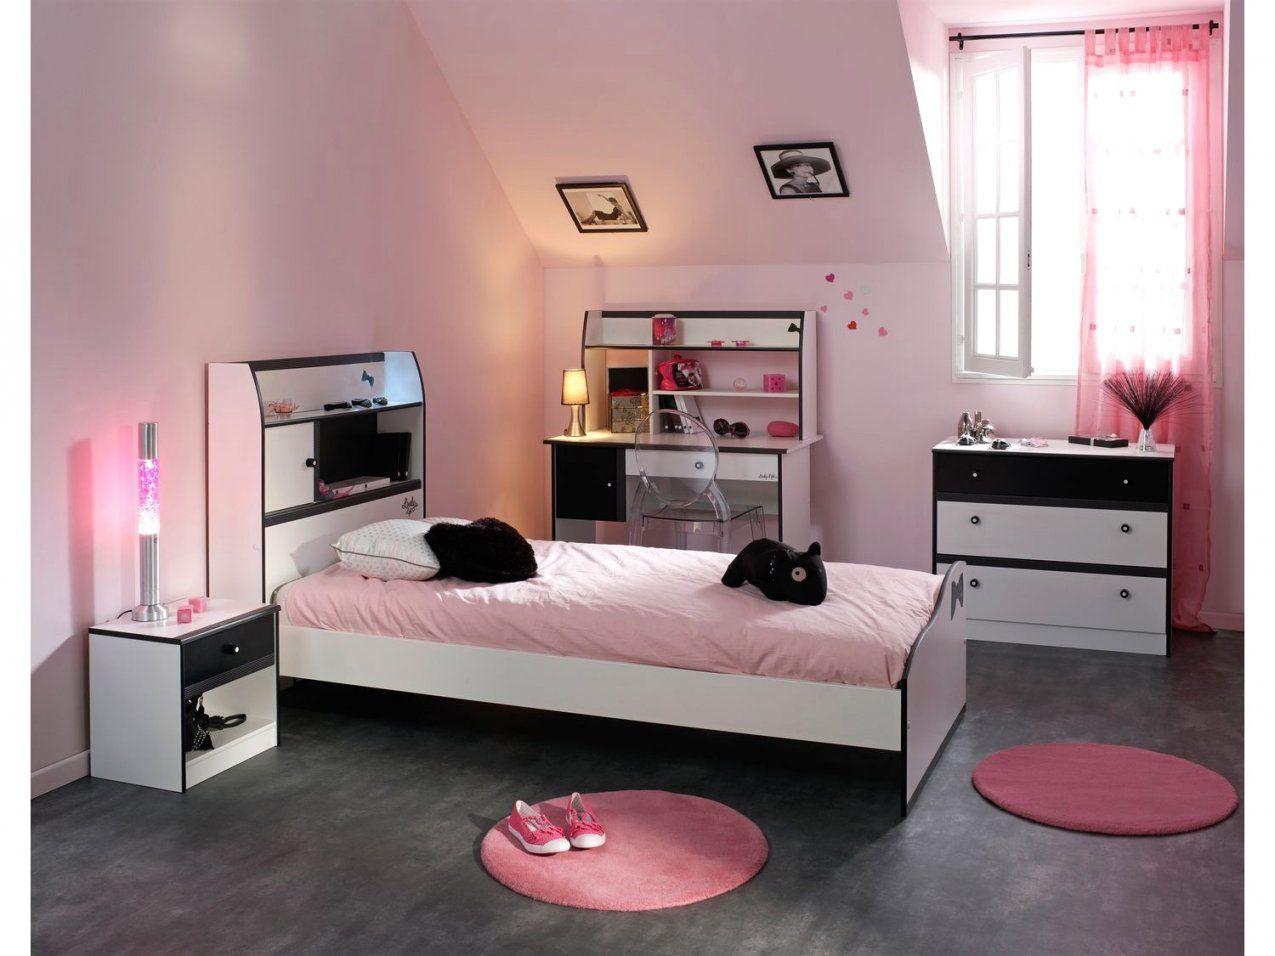 Jugendzimmer Modern Kinderzimmer Jugendzimmer Wohnen Innenaufnahme